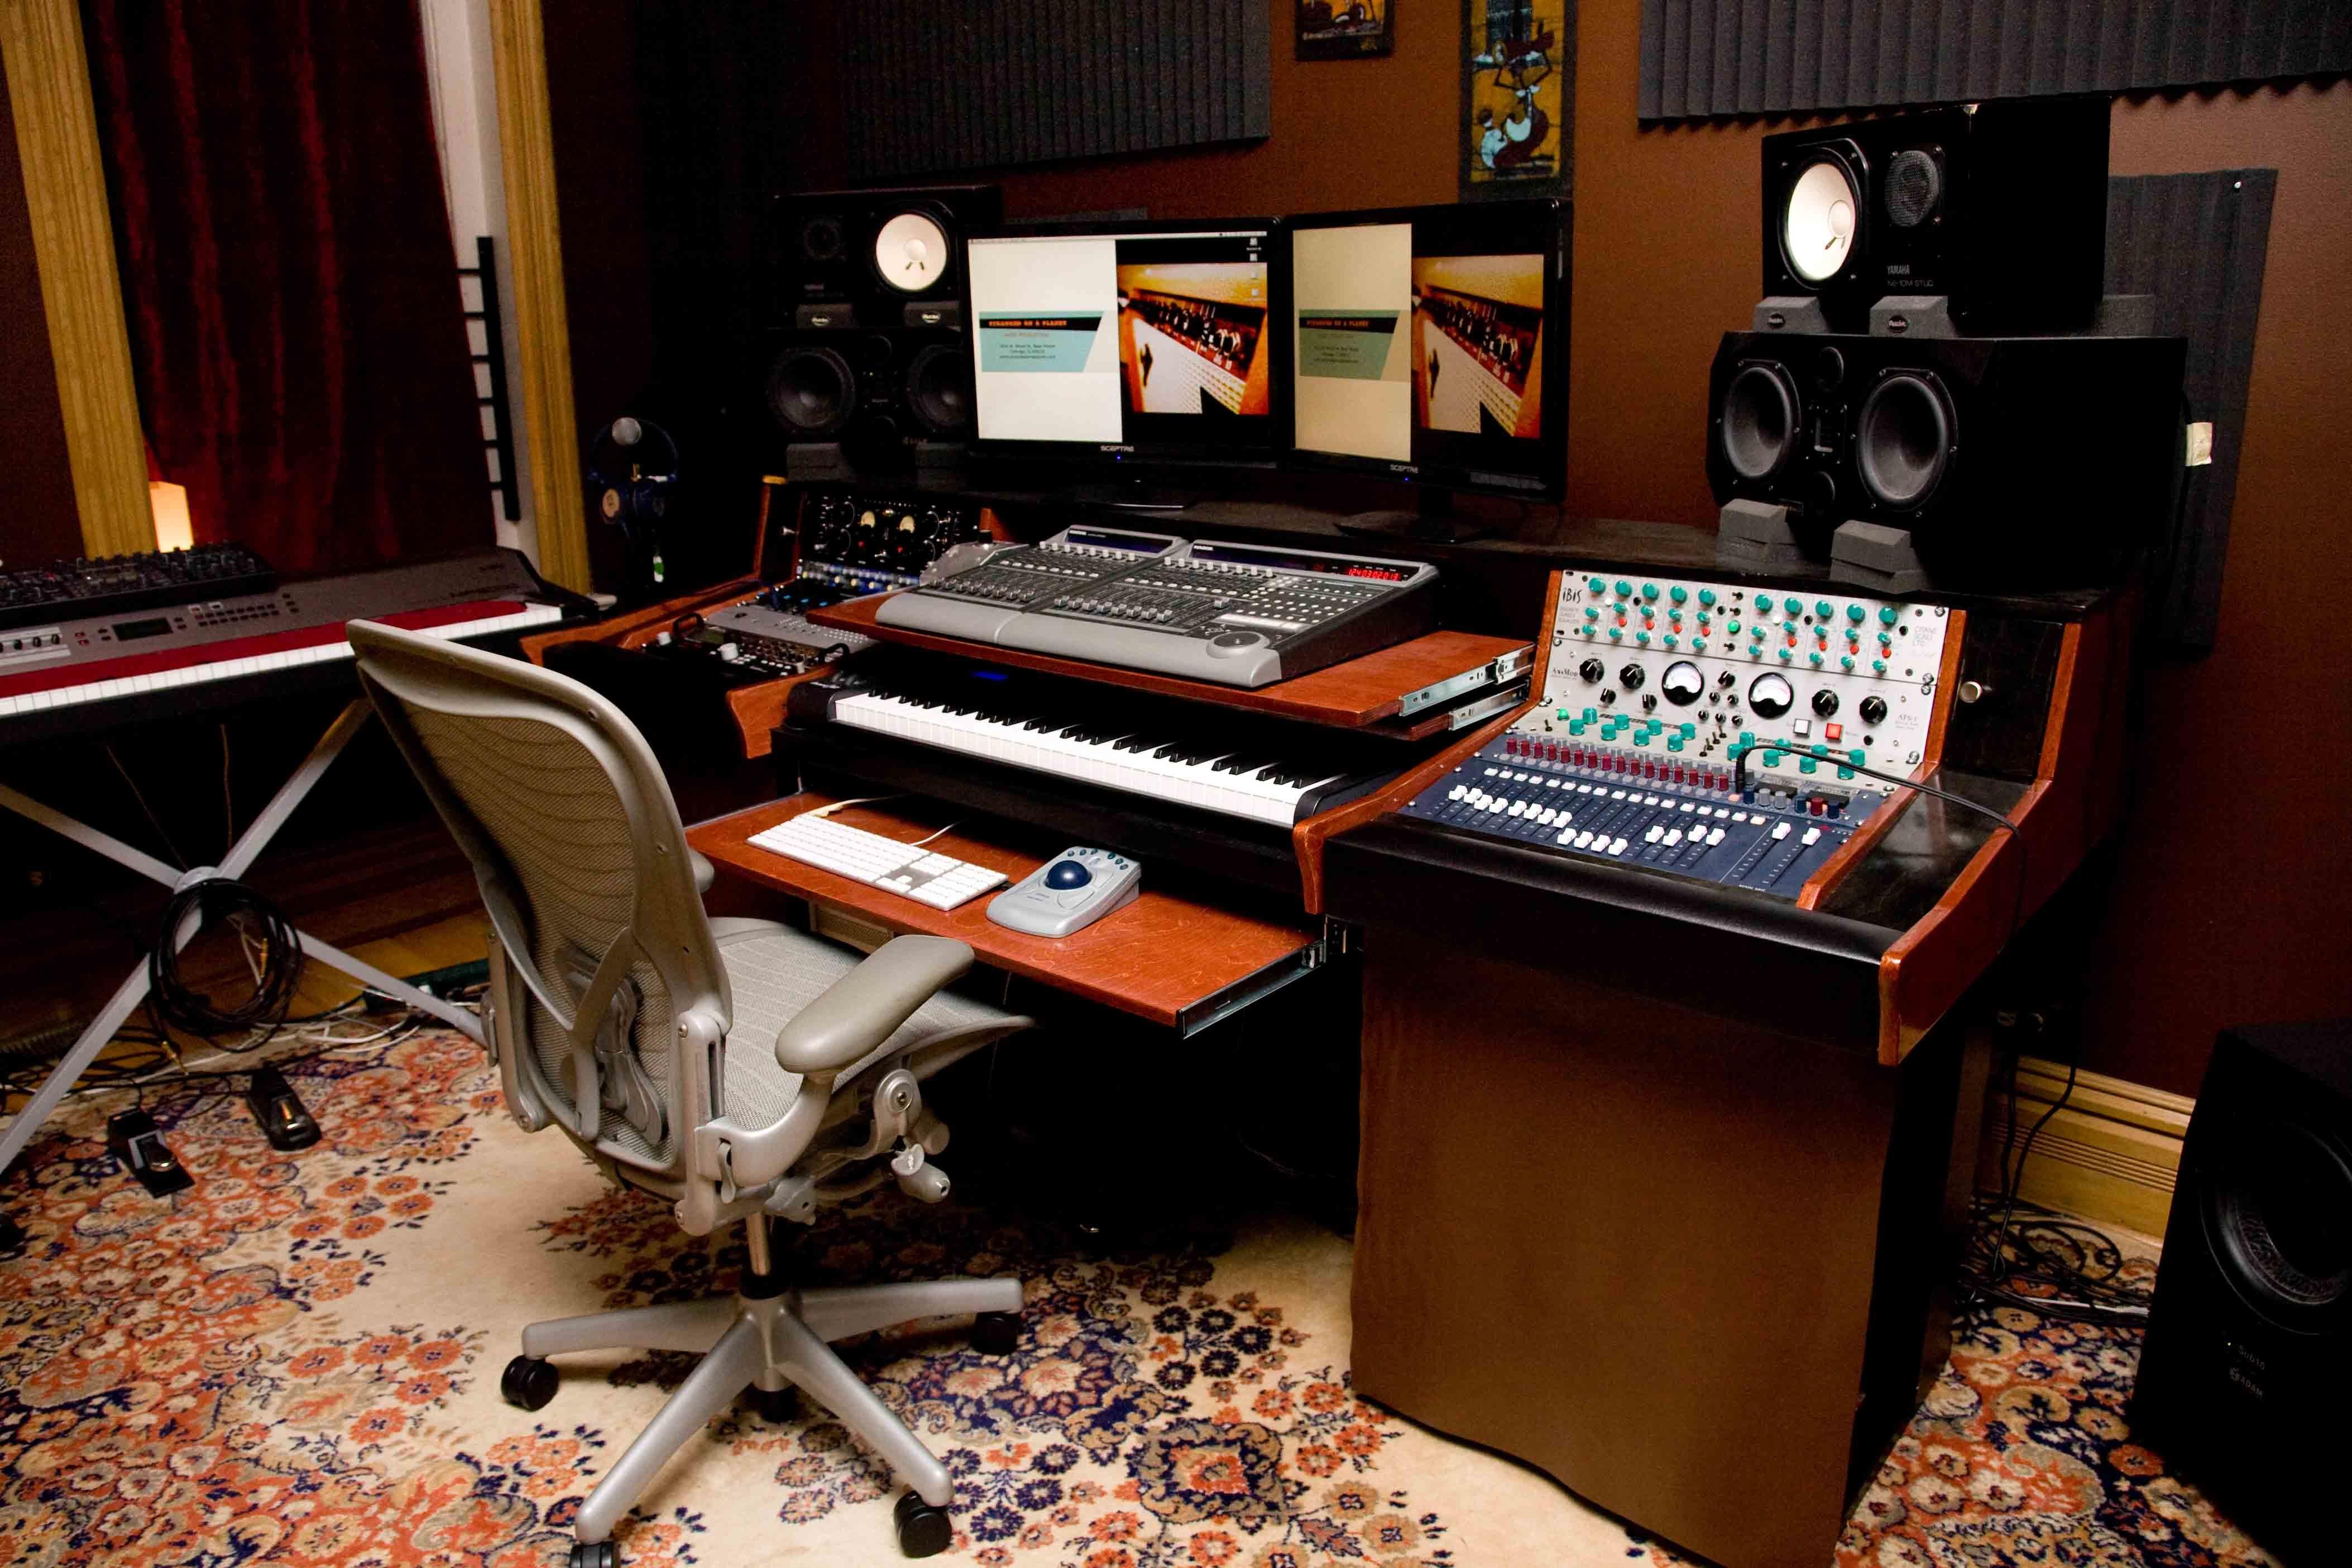 Fabulous Finally Building My New Studio Desk Gearslutzcom Studiofix Home Largest Home Design Picture Inspirations Pitcheantrous